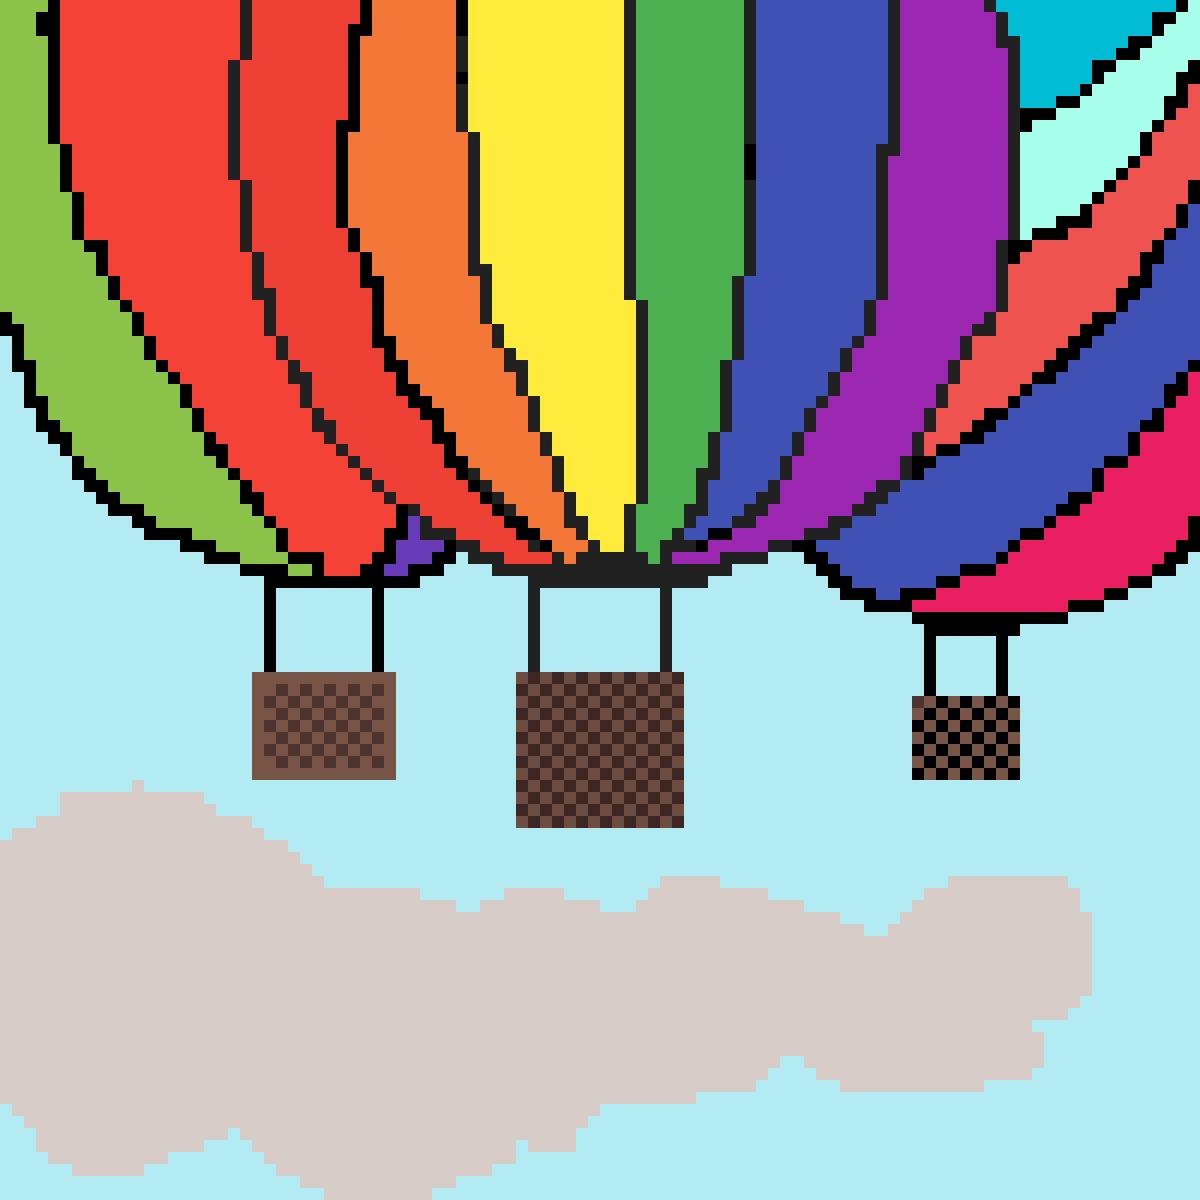 Hot air balloon by Mermorgan